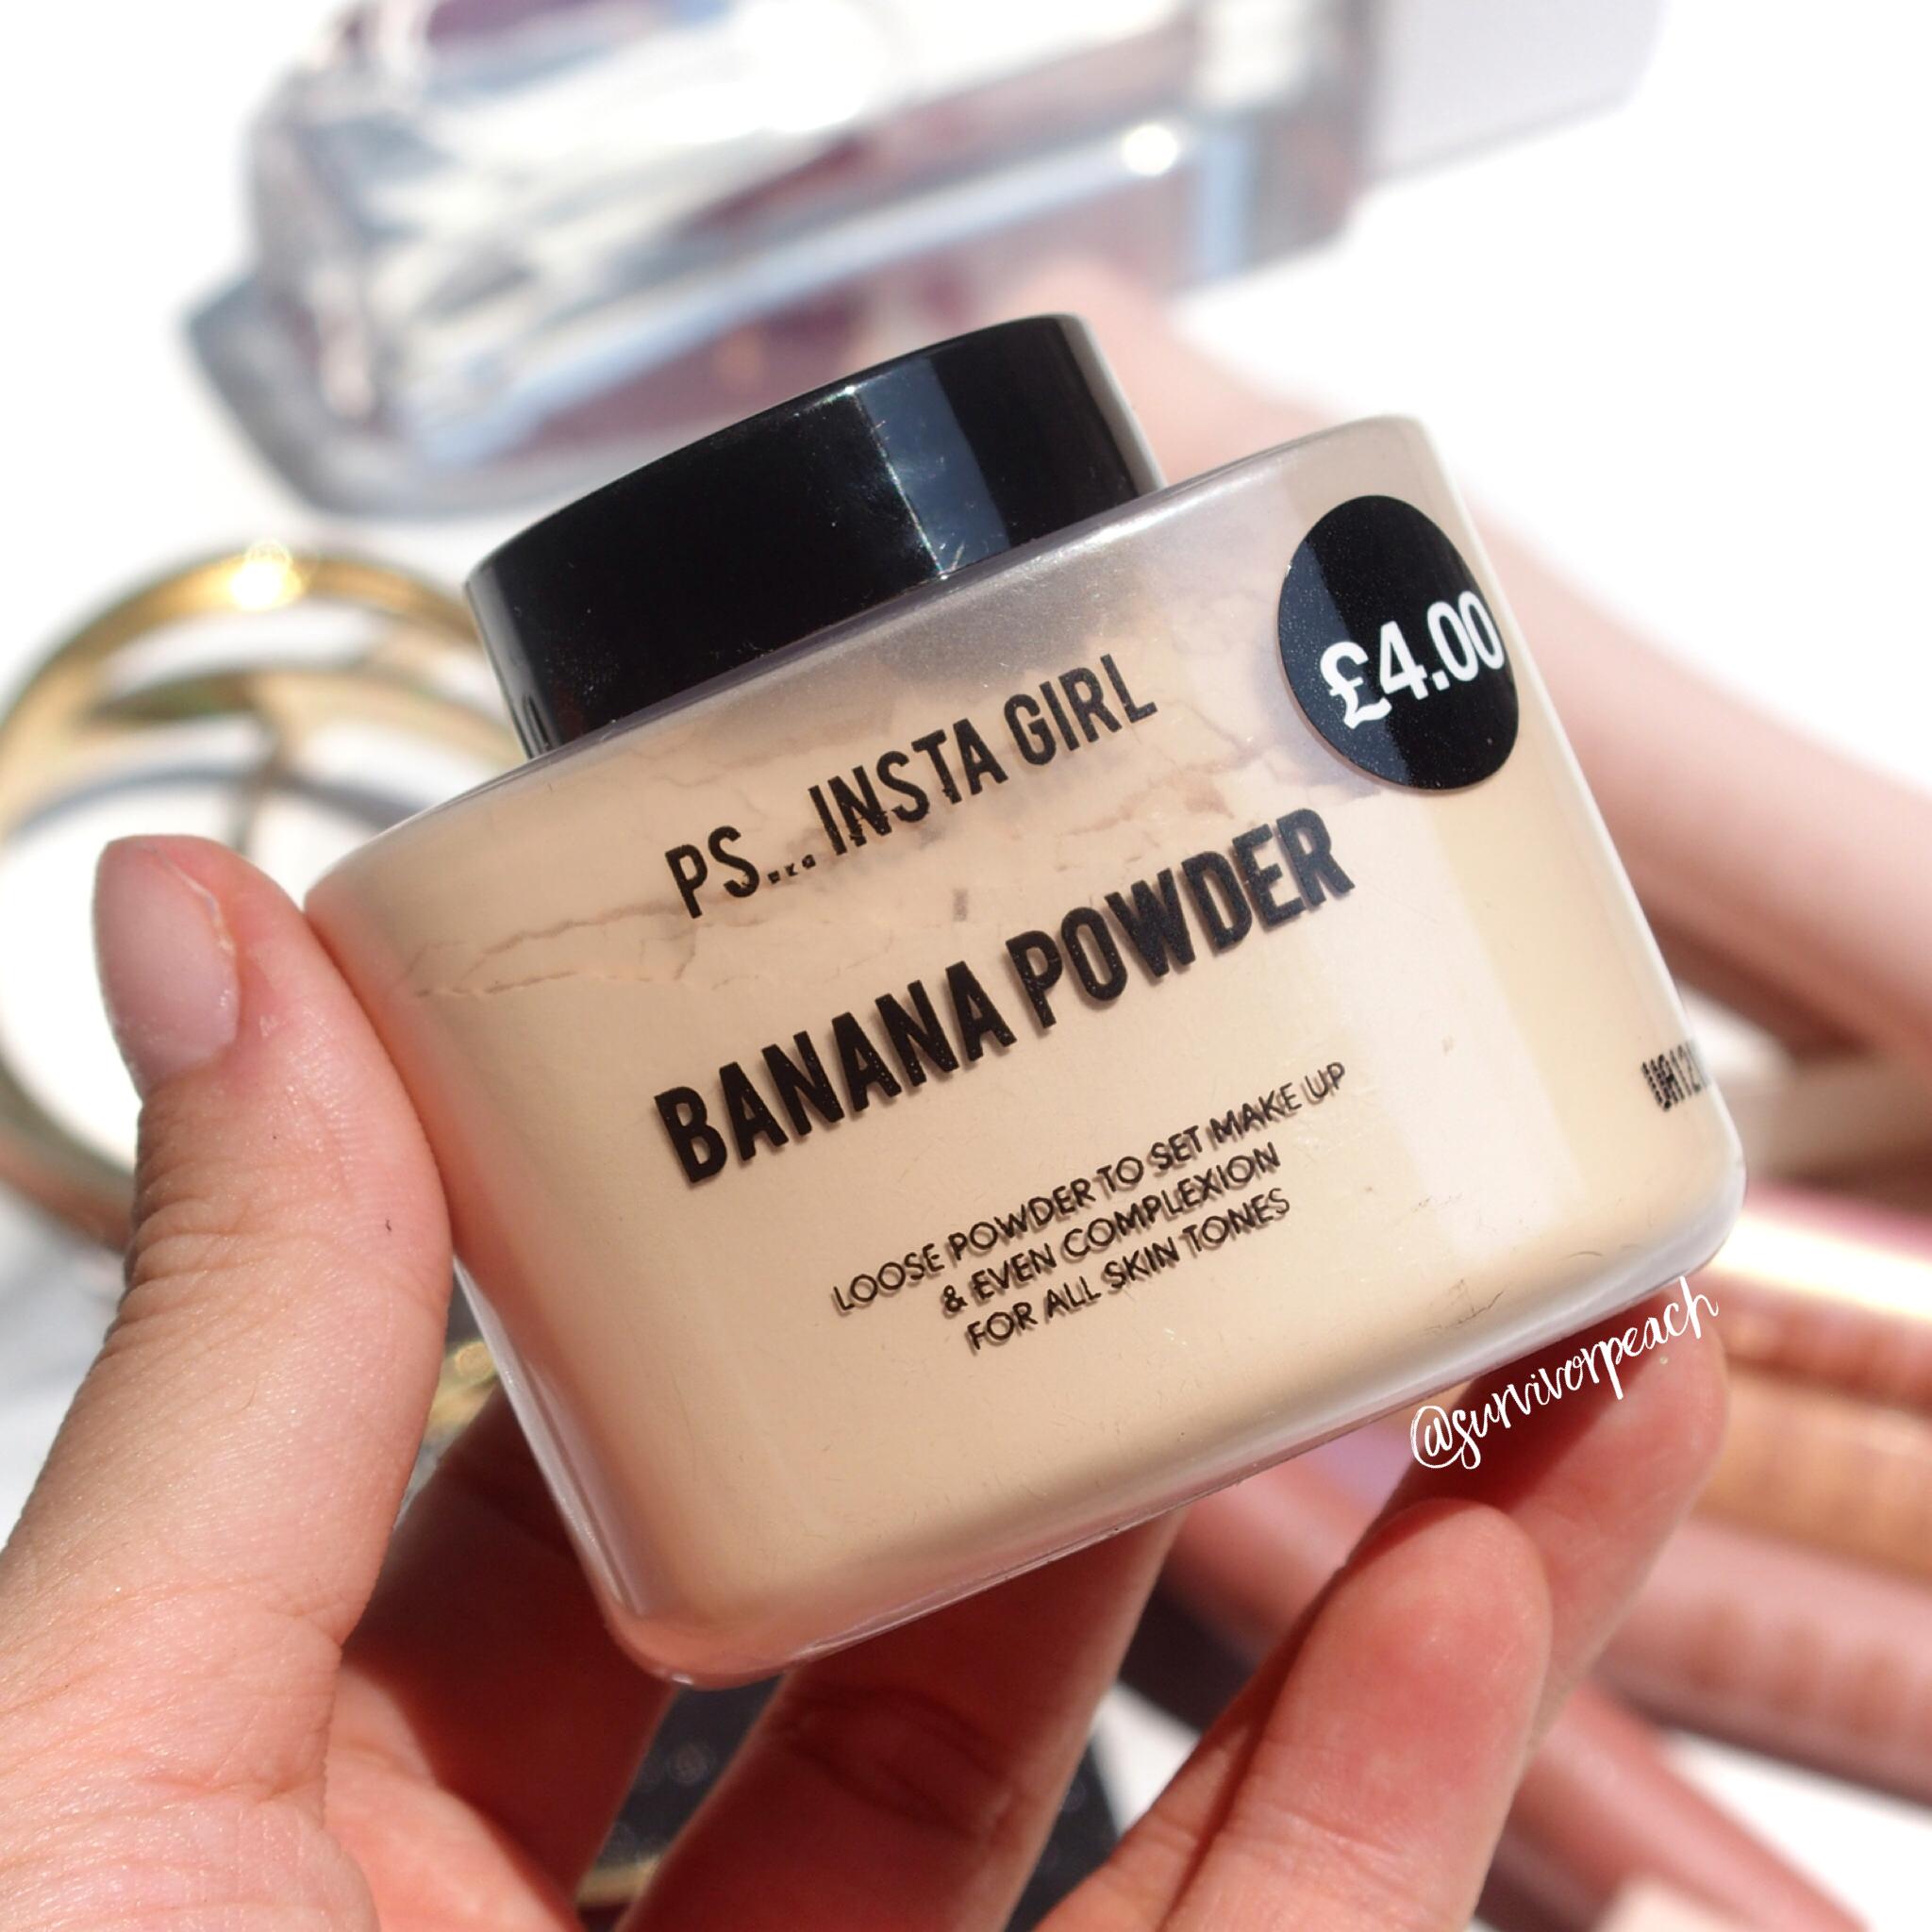 Primark PS Insta Girl banana Powder